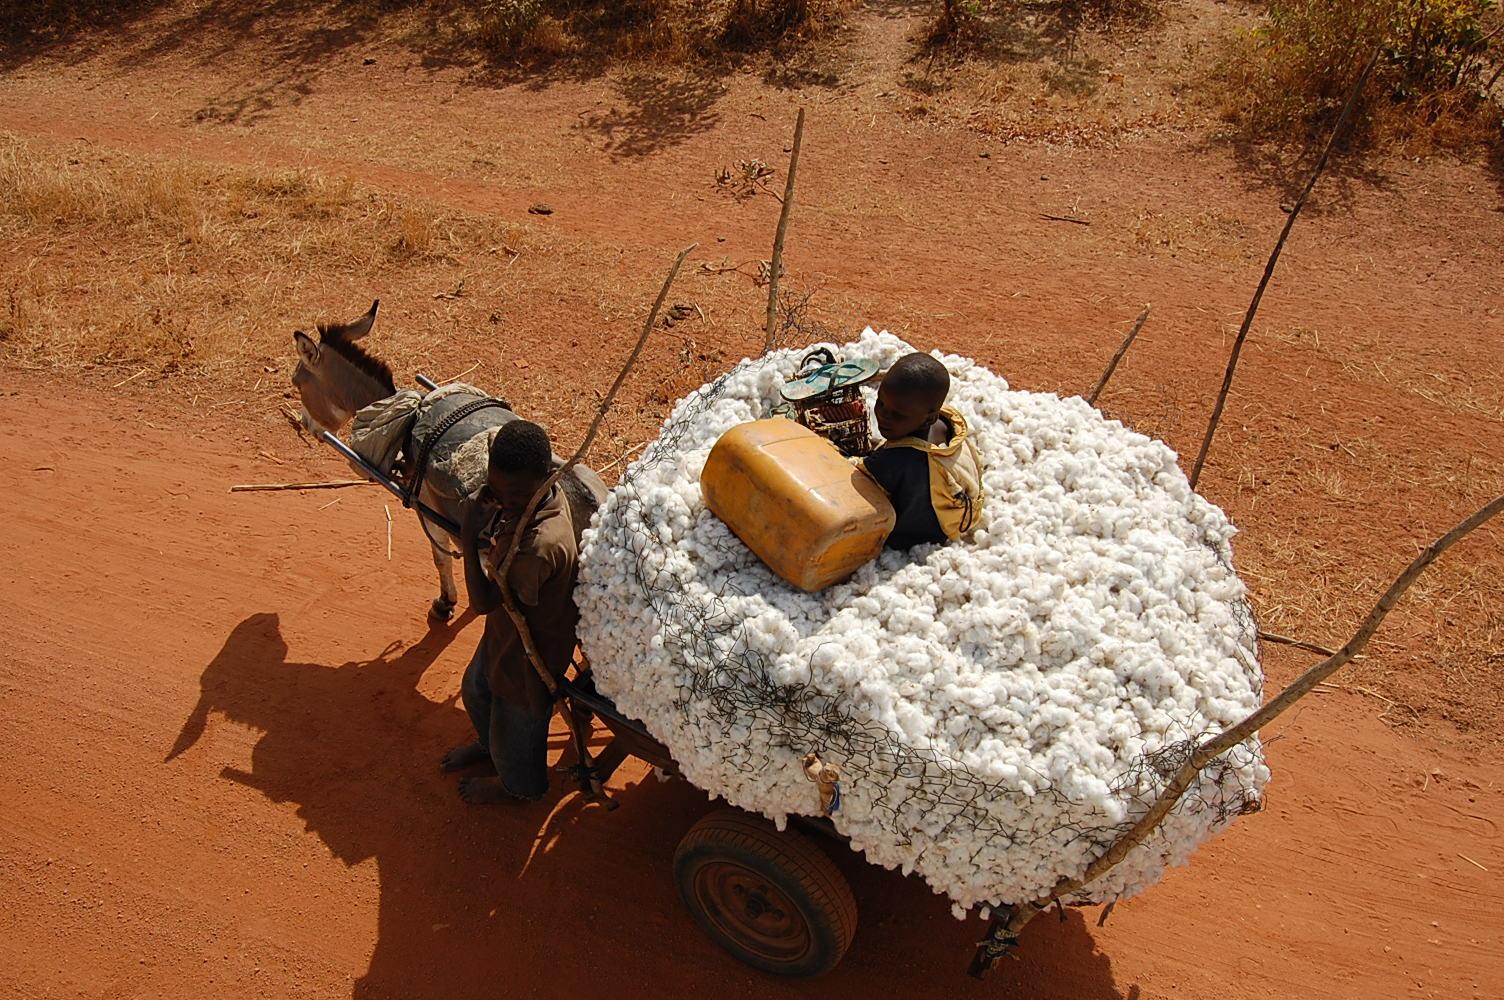 Transport de coton. Transporting cotton.